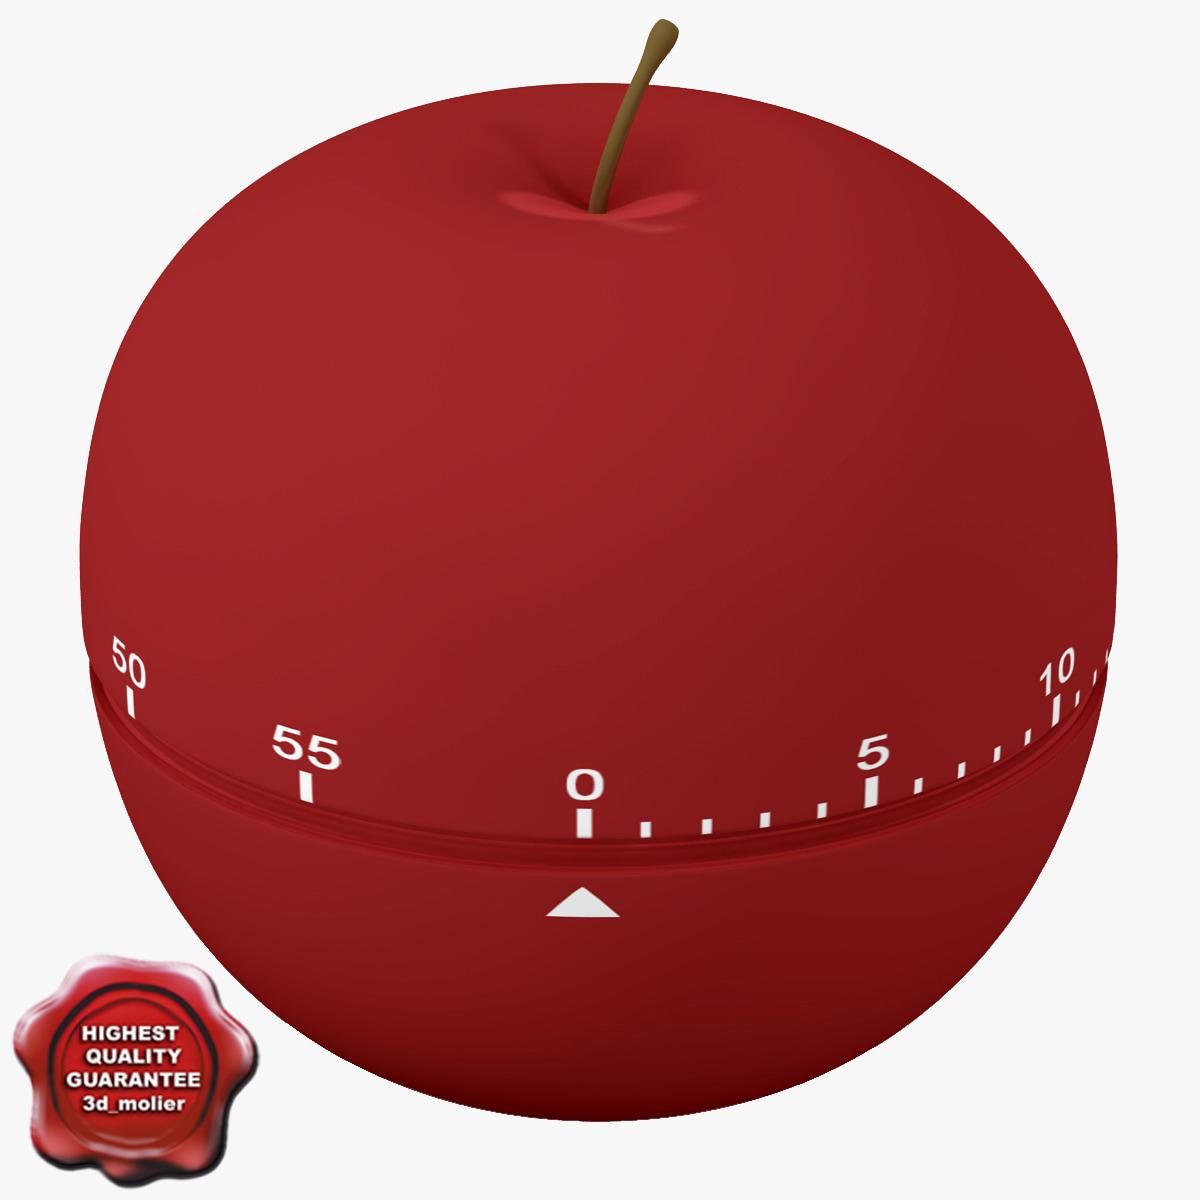 3ds max kitchen timer apple